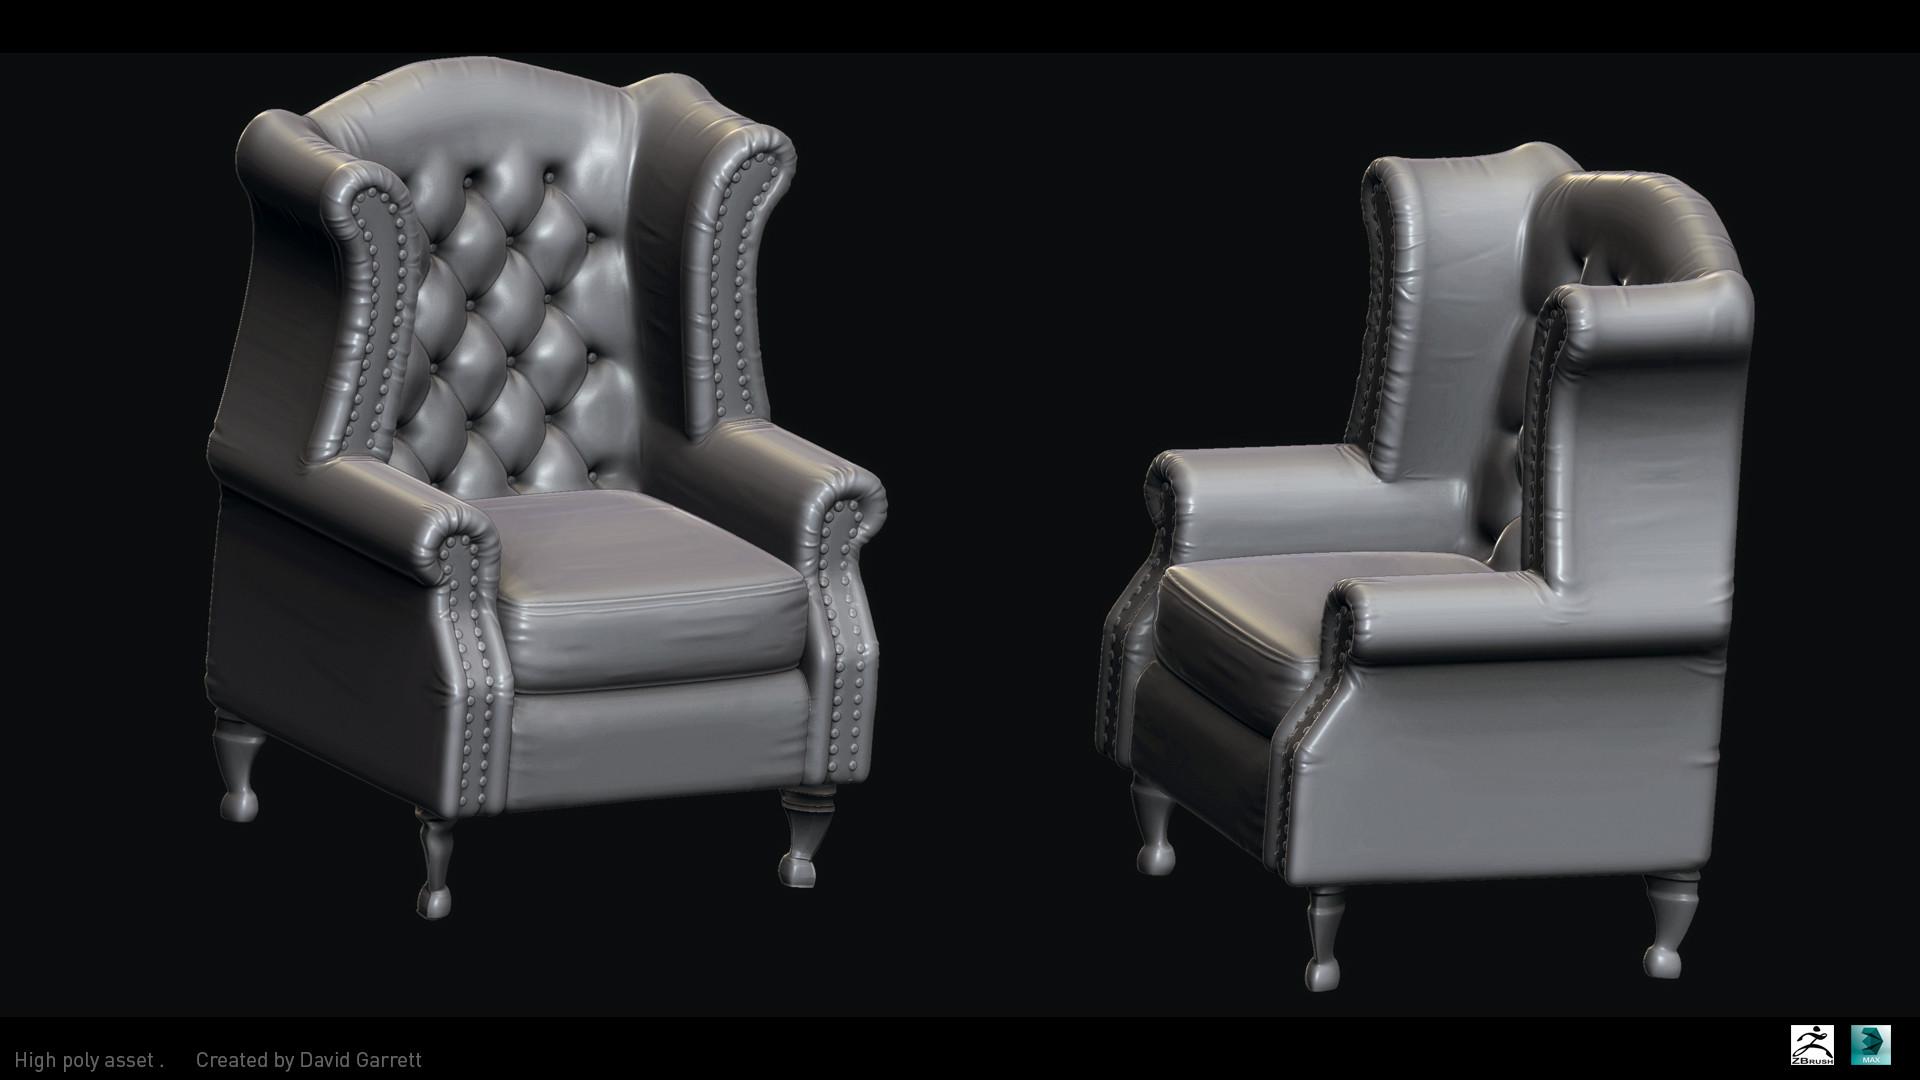 David garrett n3094311 high poly shot chair